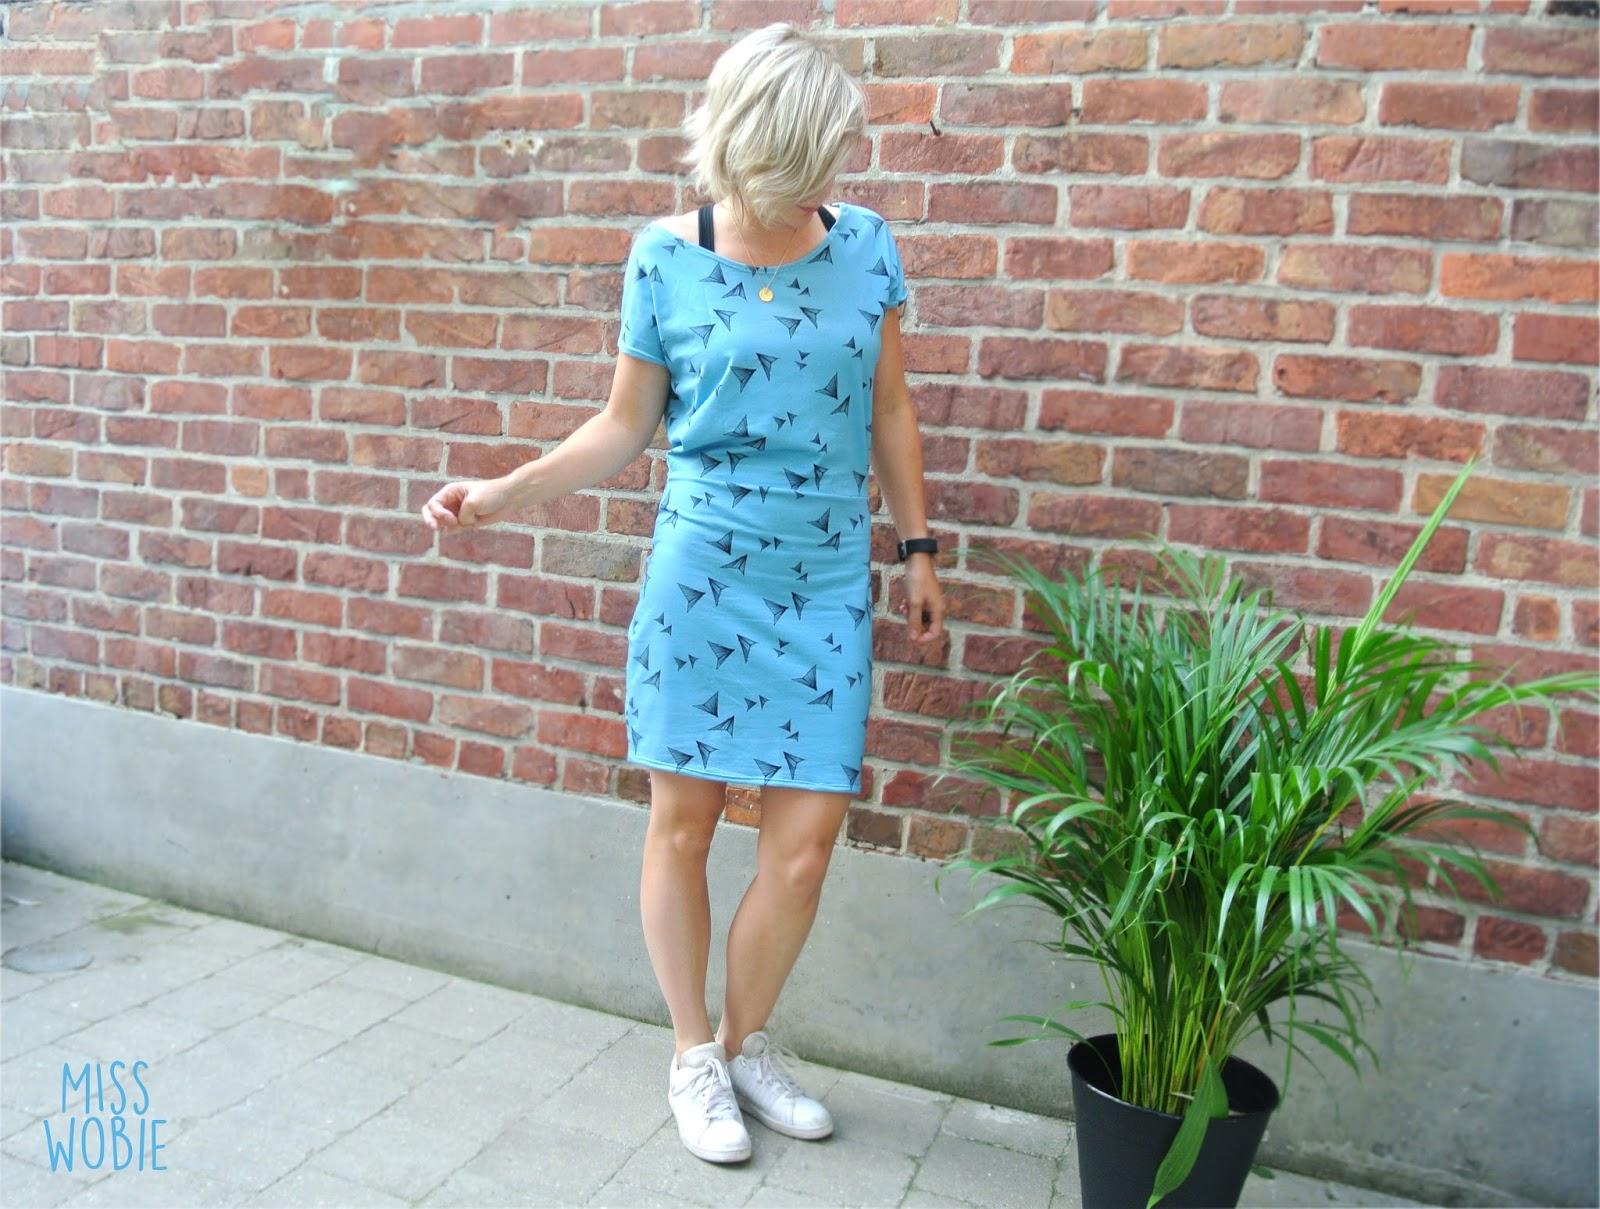 913ea2dd634159 ... plezierig blauw stofje met  vliegertjes  op die ik vorig jaar bij  Kiwifabrics vond. Hup